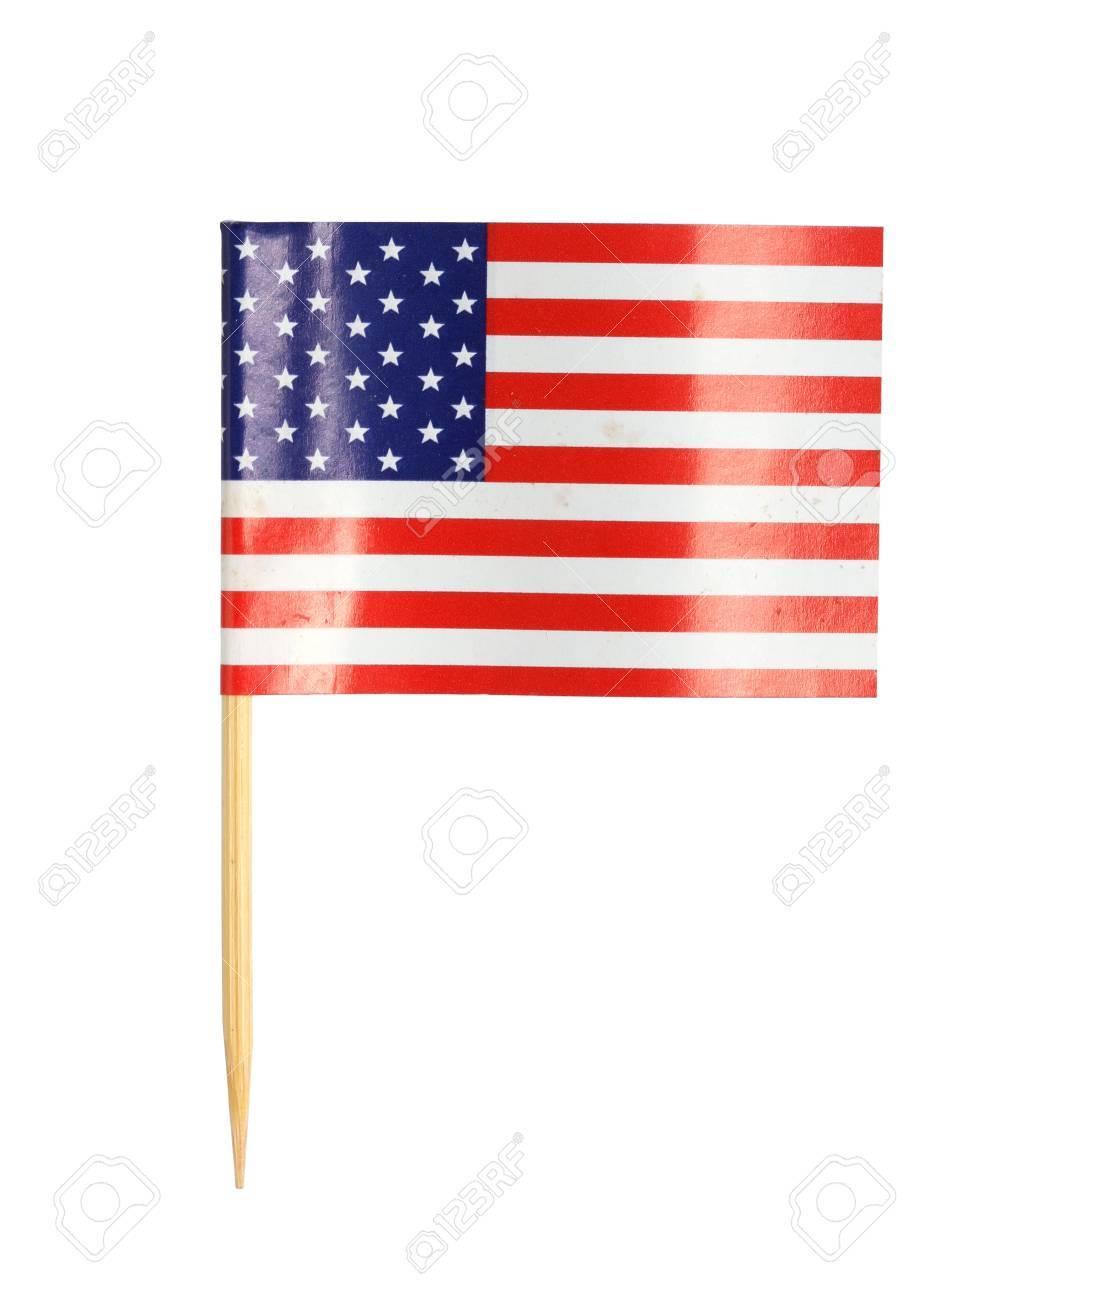 Beste Amerikanische Flaggenfarbseite Galerie - Beispiel Anschreiben ...